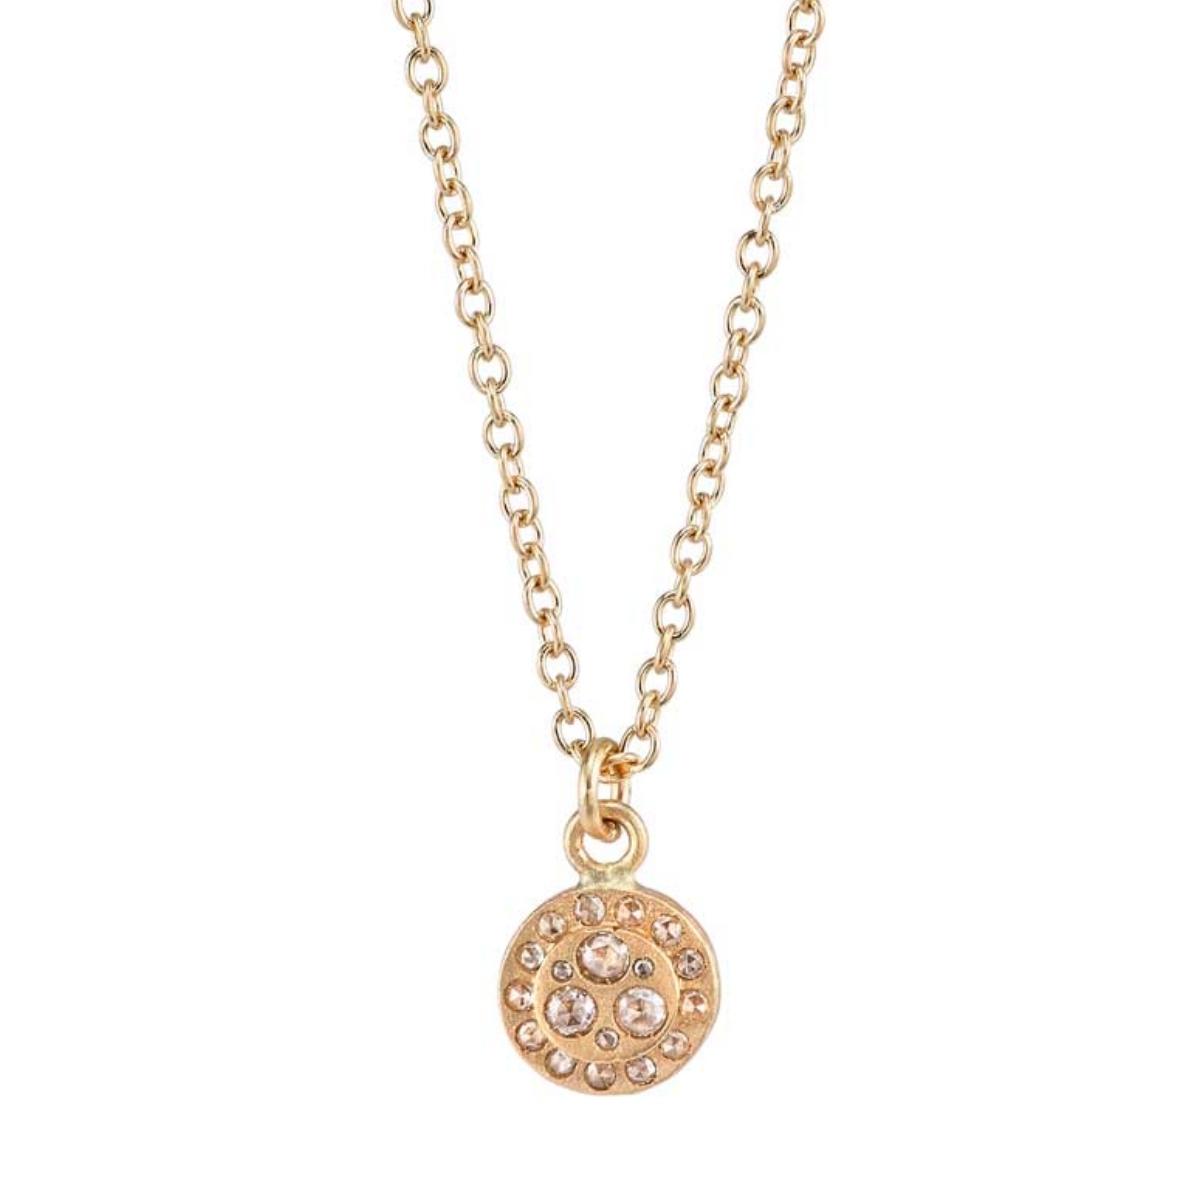 Diamond-Sky-Necklace-Order-#005-OrderC2_4-2870588.jpg